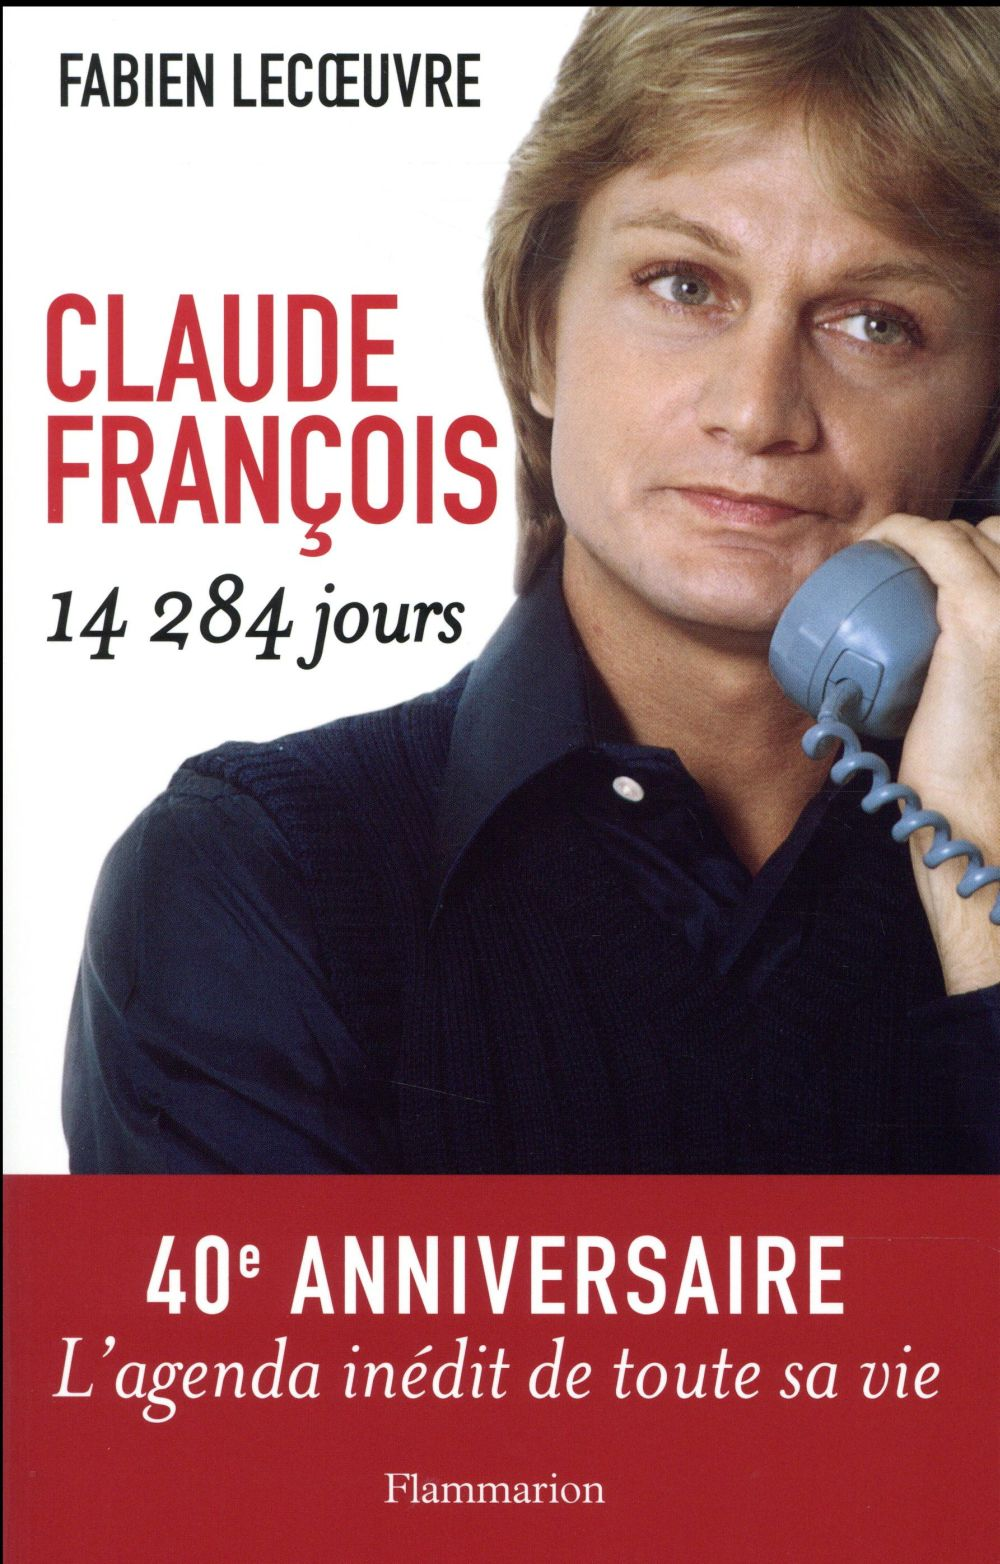 CLAUDE FRANCOIS - 14 284 JOURS LECOEUVRE FABIEN Flammarion